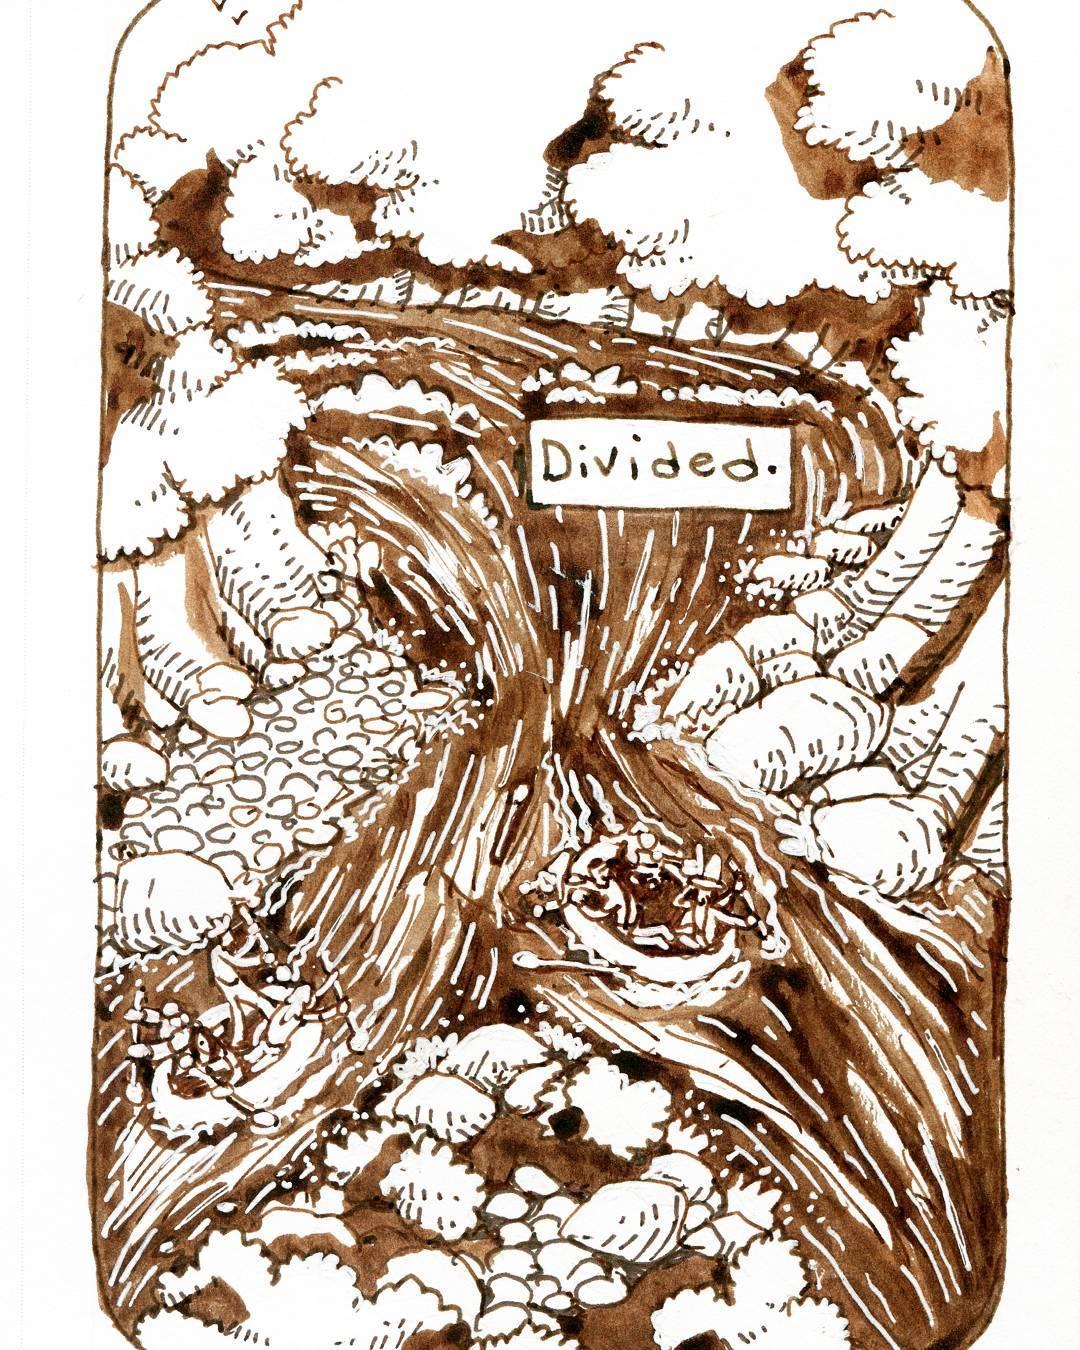 """redjarojam """"Divided"""", Inktober 02 - by Jared DeCosta (redjarojam) www.instagram.com/redjarojam (2017-10) © dell'autore tutti i diritti riservati"""